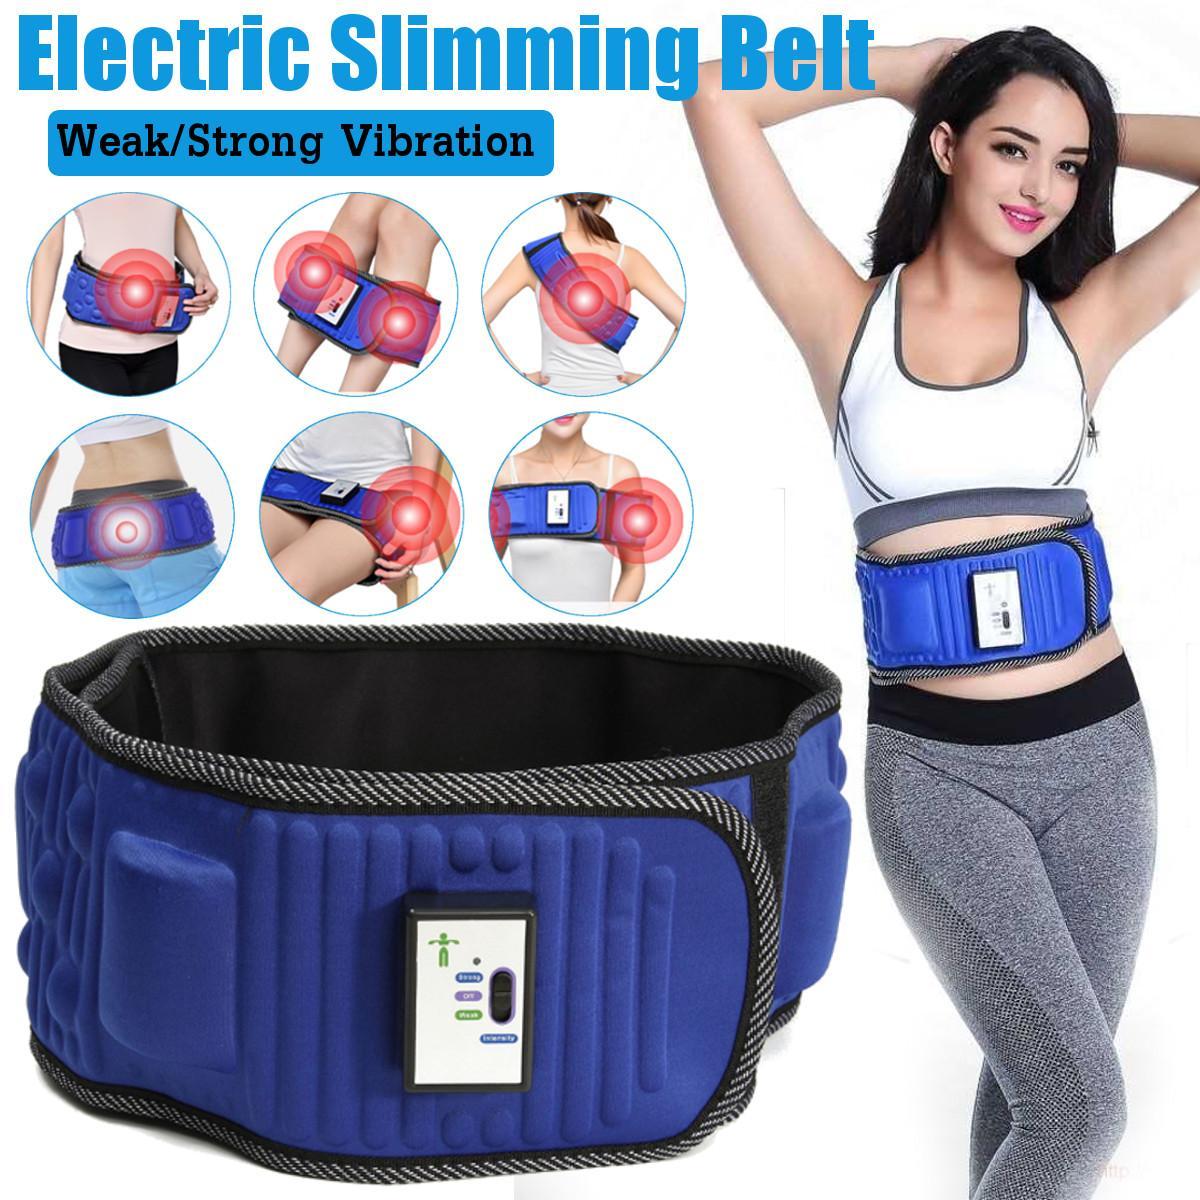 Cinturón de adelgazamiento eléctrico, masaje de entrenamiento de pérdida de peso X5 veces que estabiliza la vibración Abdominal, estimulador muscular de la cintura del vientre